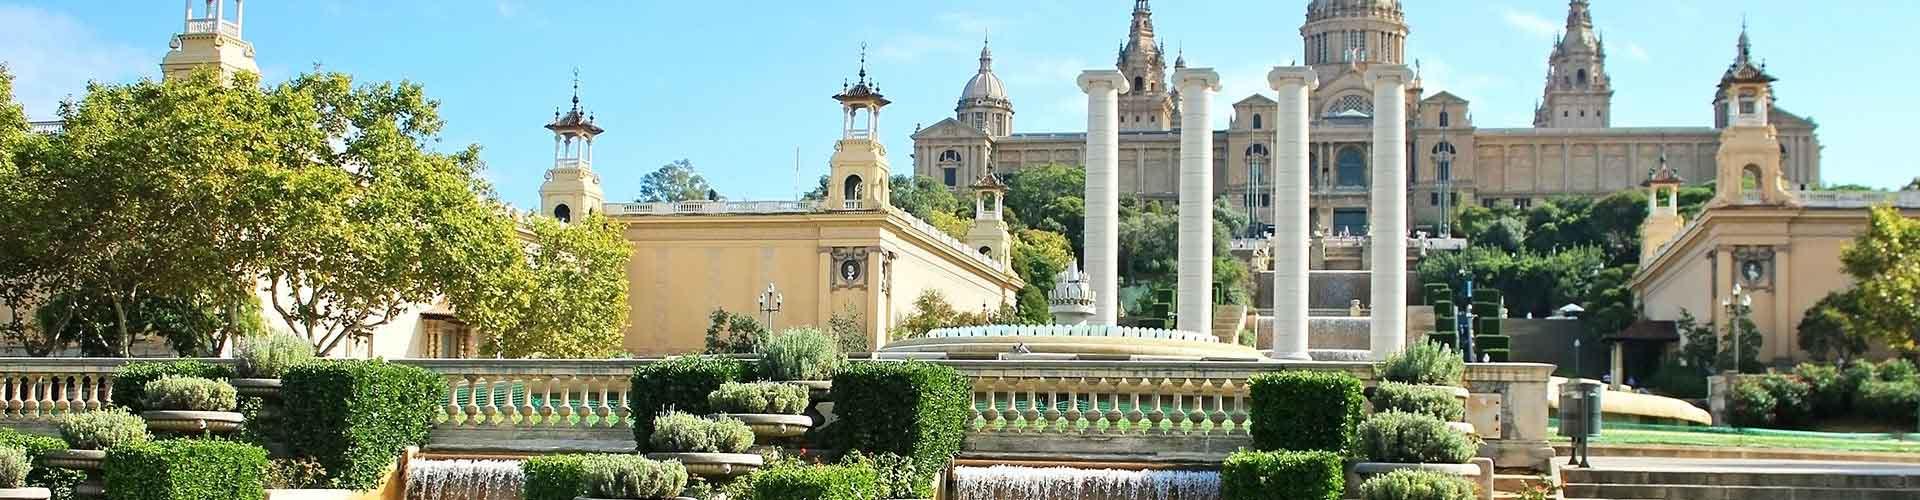 バルセロナ – ホステル バルセロナ. 地図 バルセロナ, すべてのホステルの写真とレビュー バルセロナ.